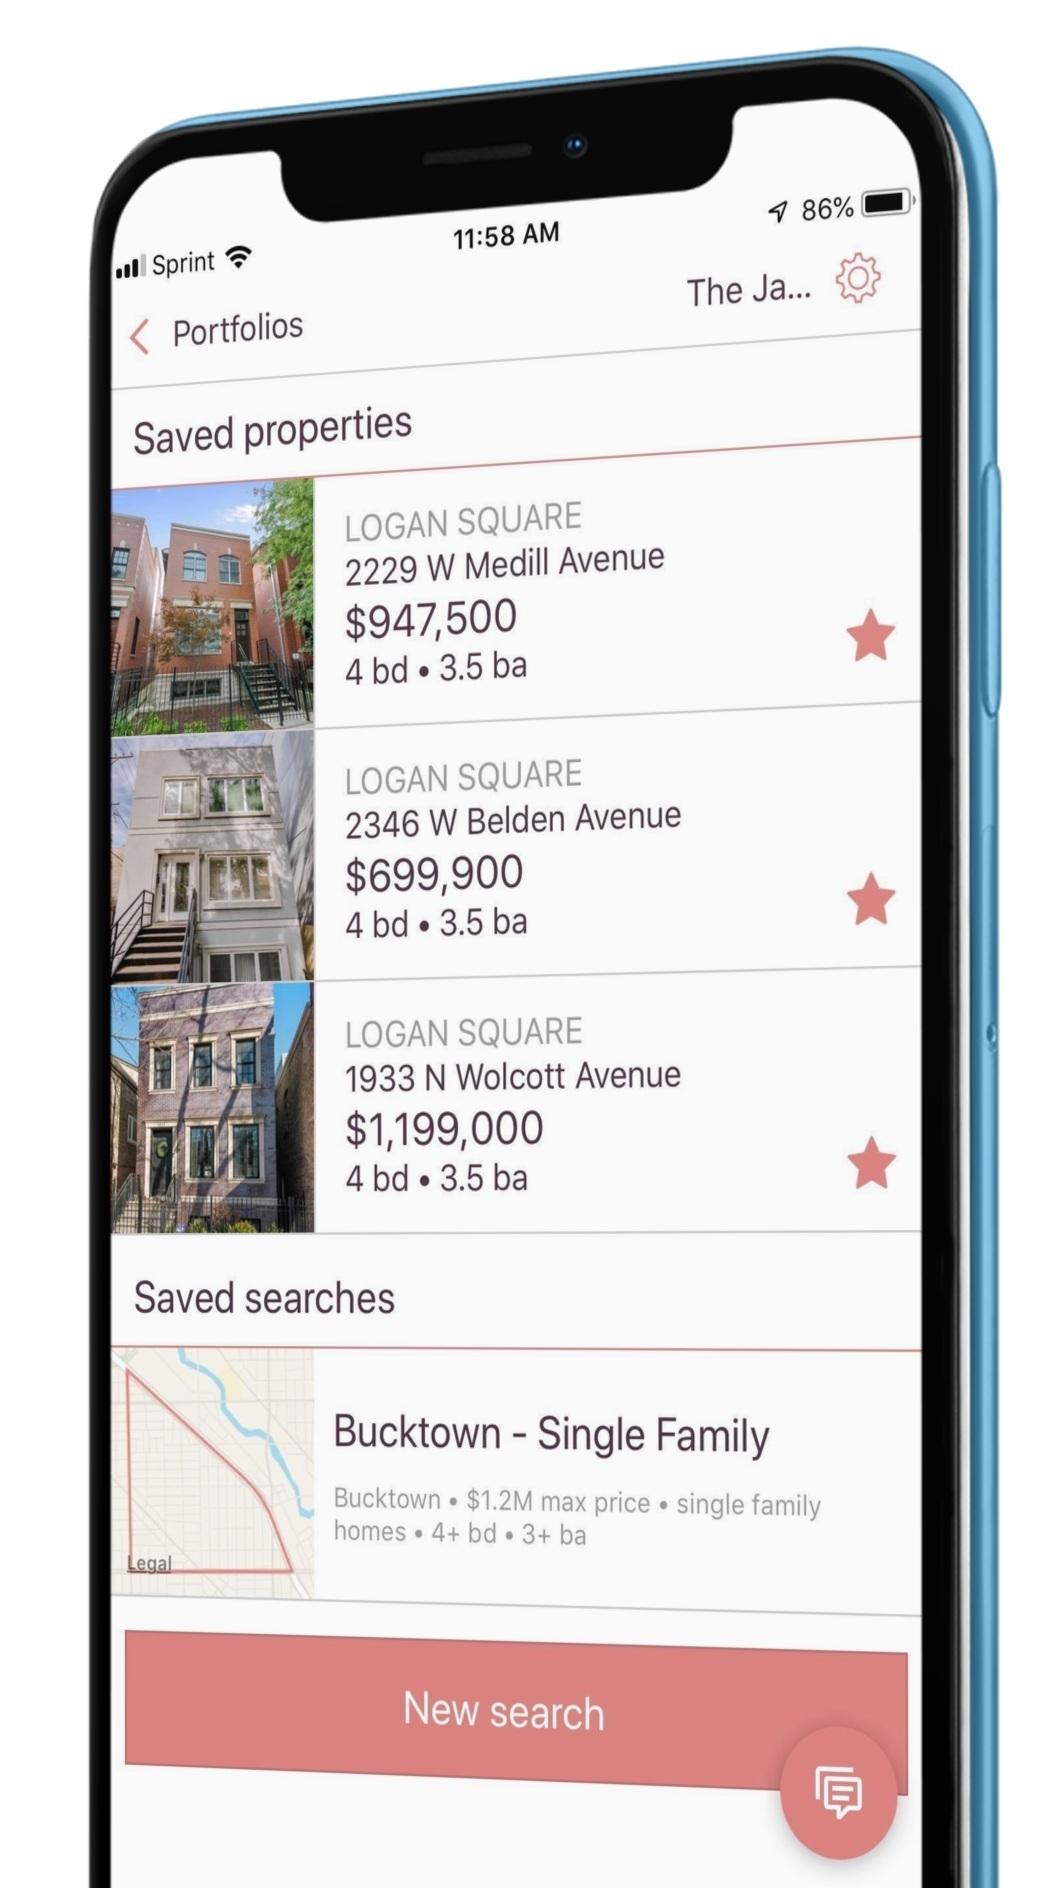 app-store-screenshot-maker-of-an-iphone-xr-standing-over-a-custom-background-25284.jpg